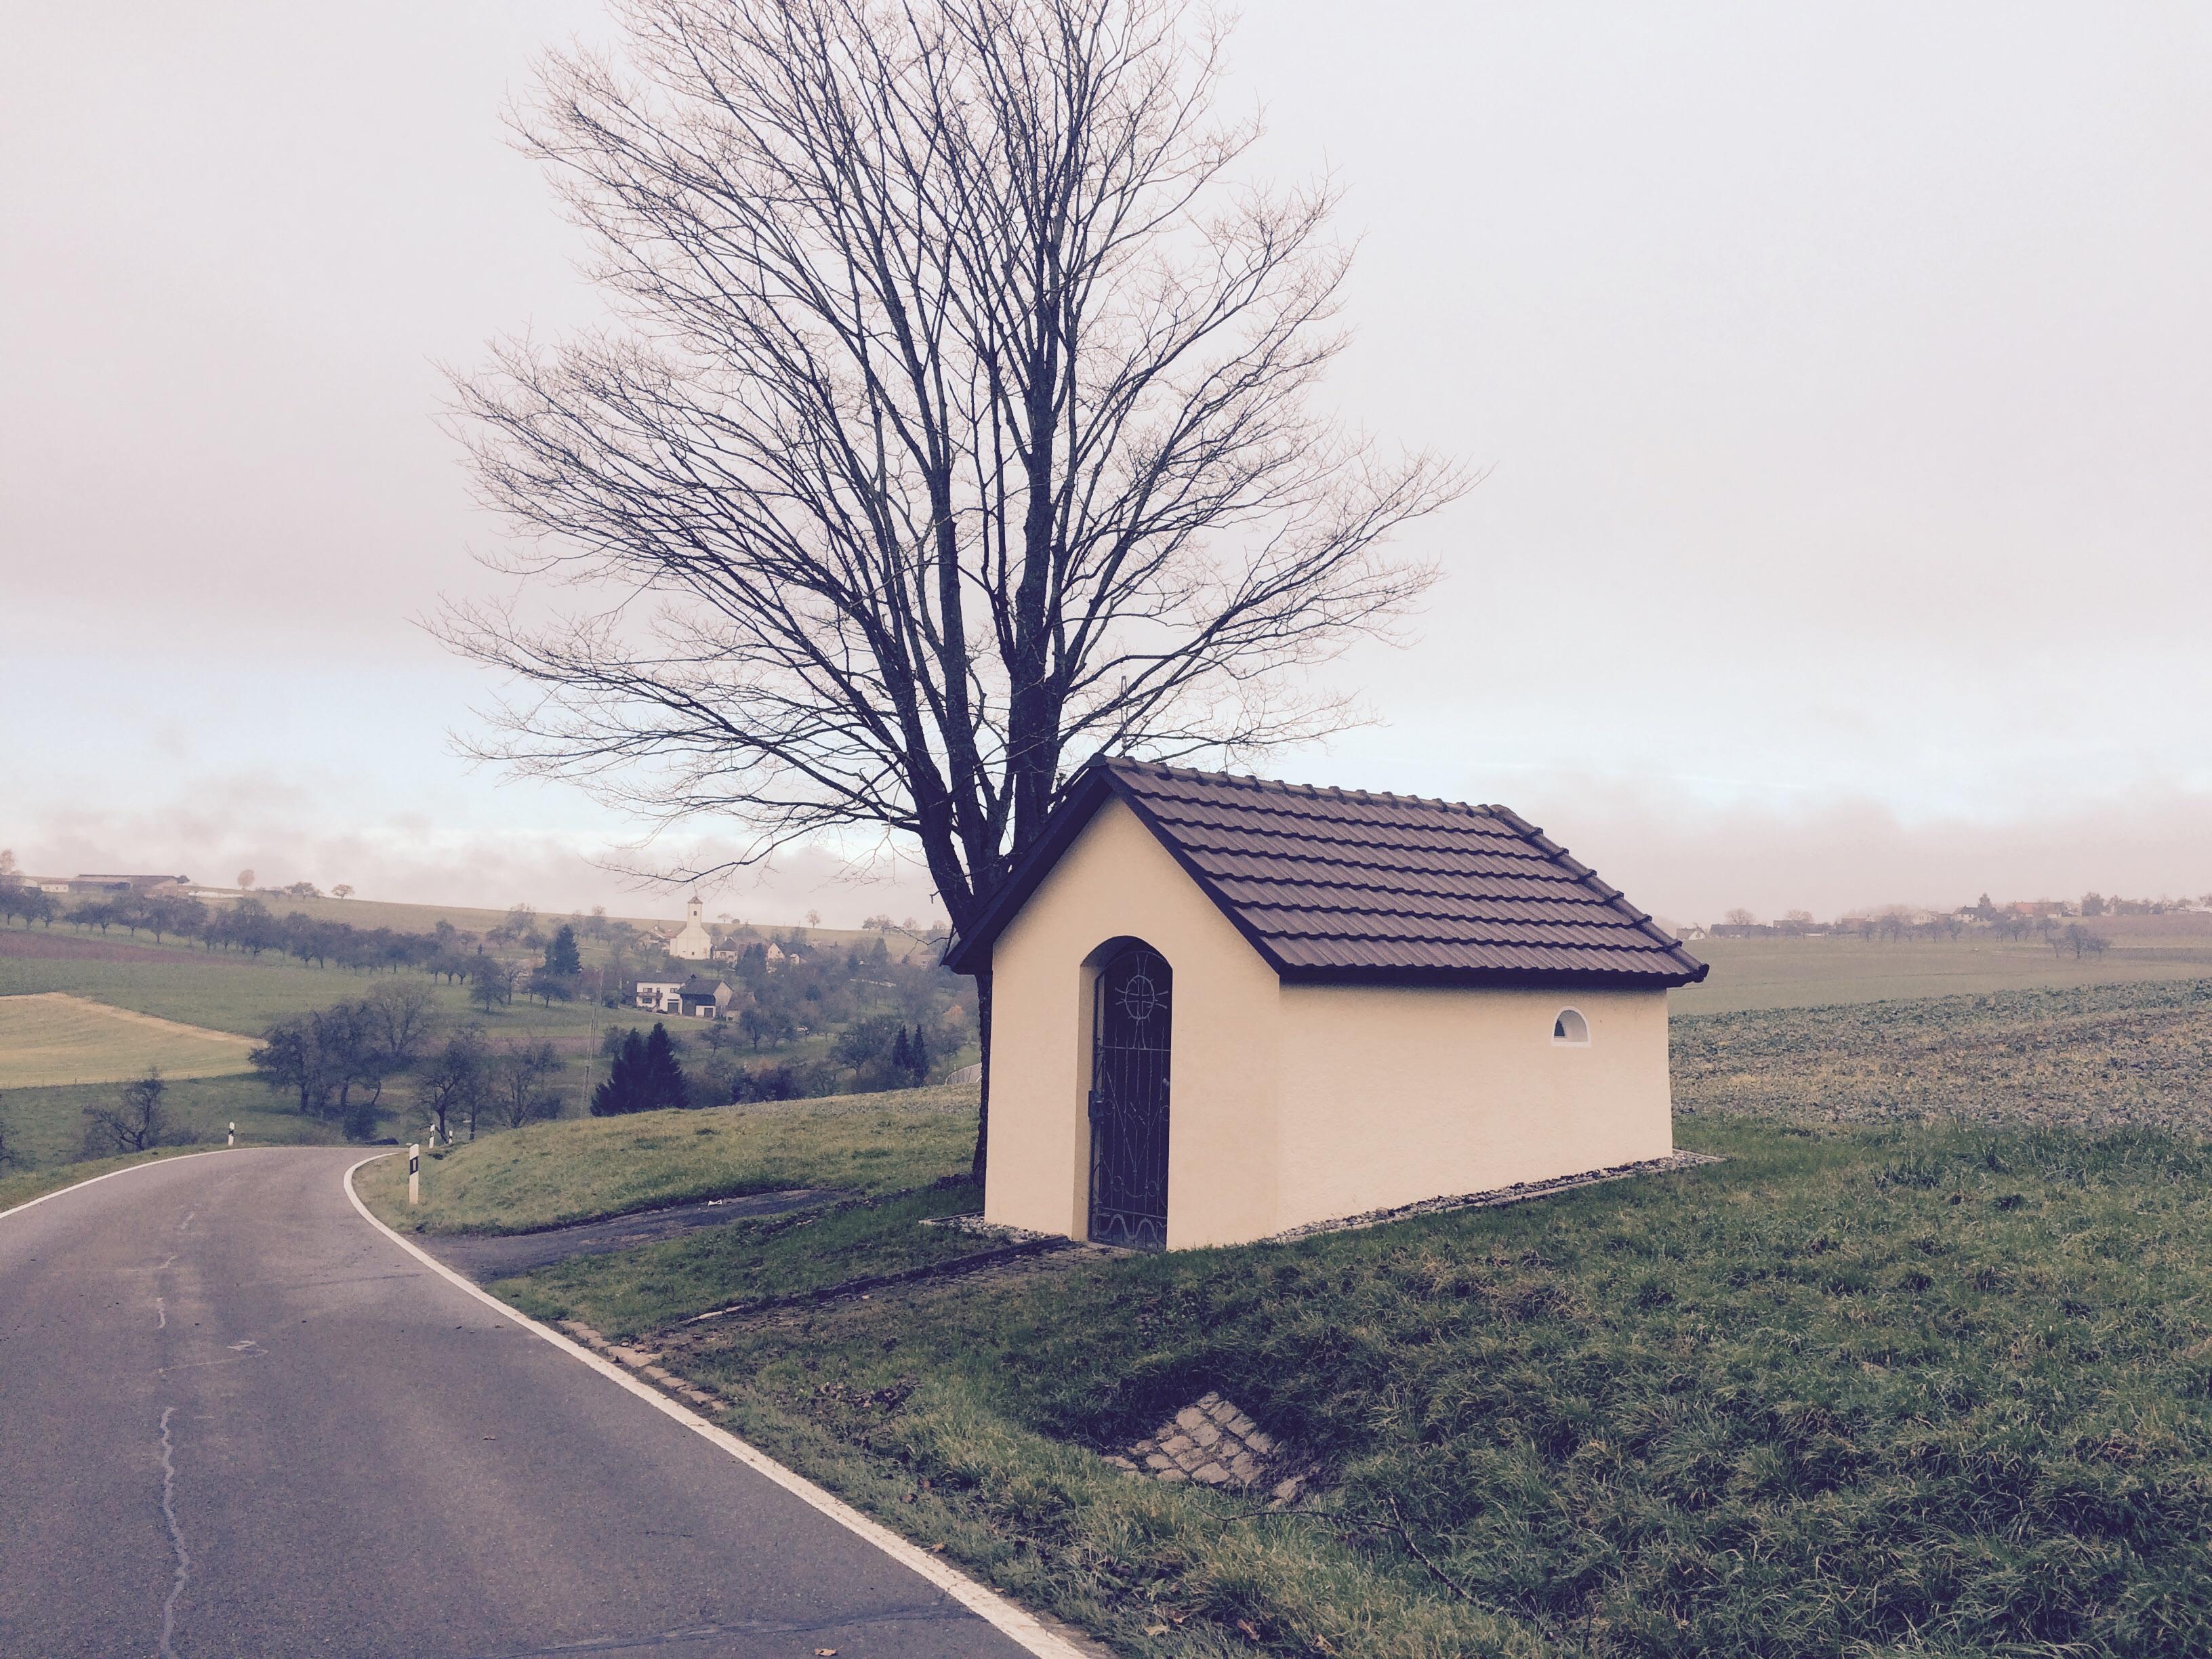 Kapelle klein aber fein